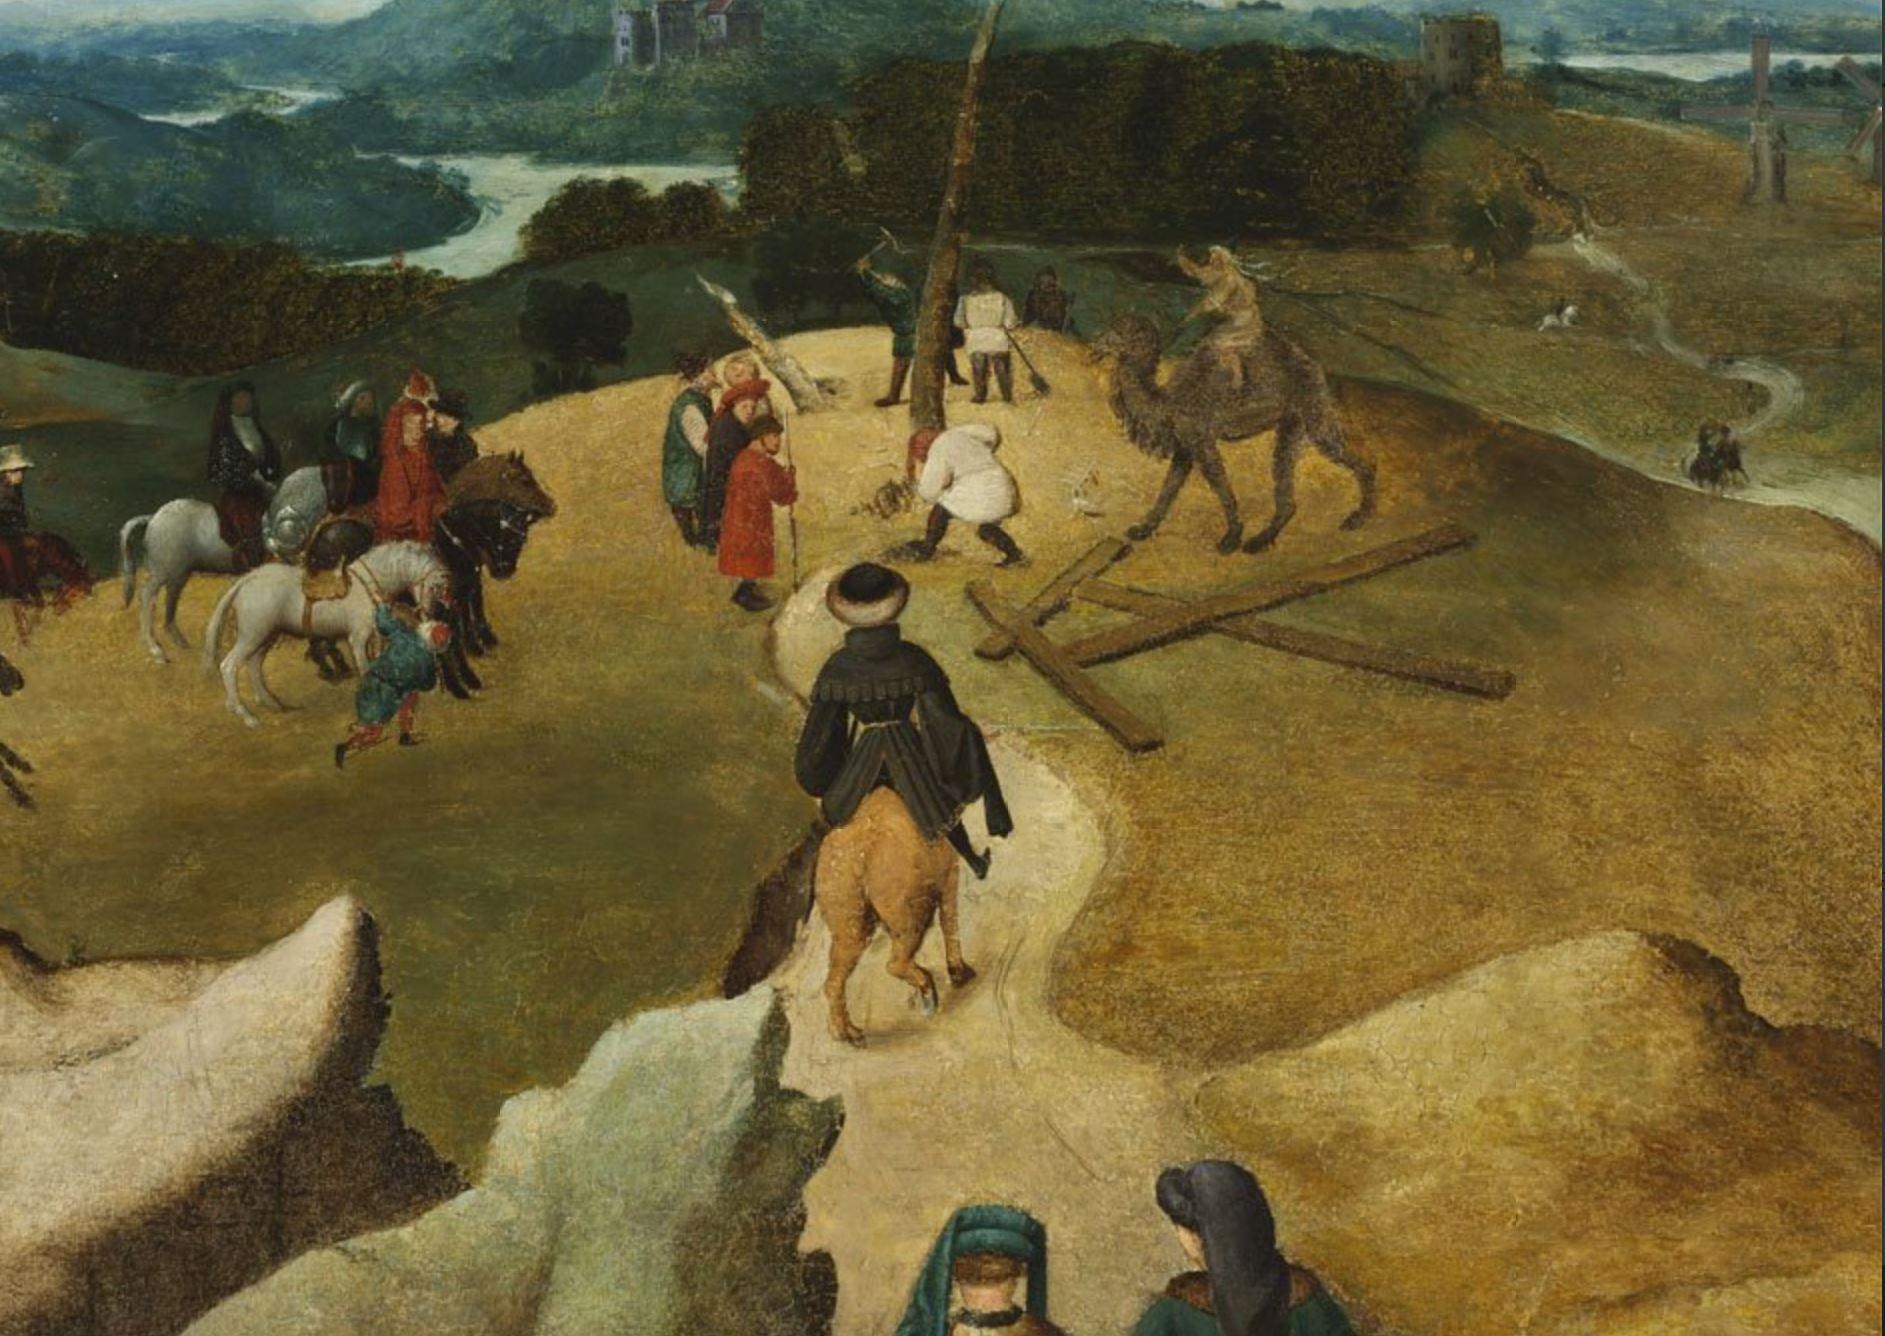 Van Eyck Portement Museum of Fine Arts, Budapest detail